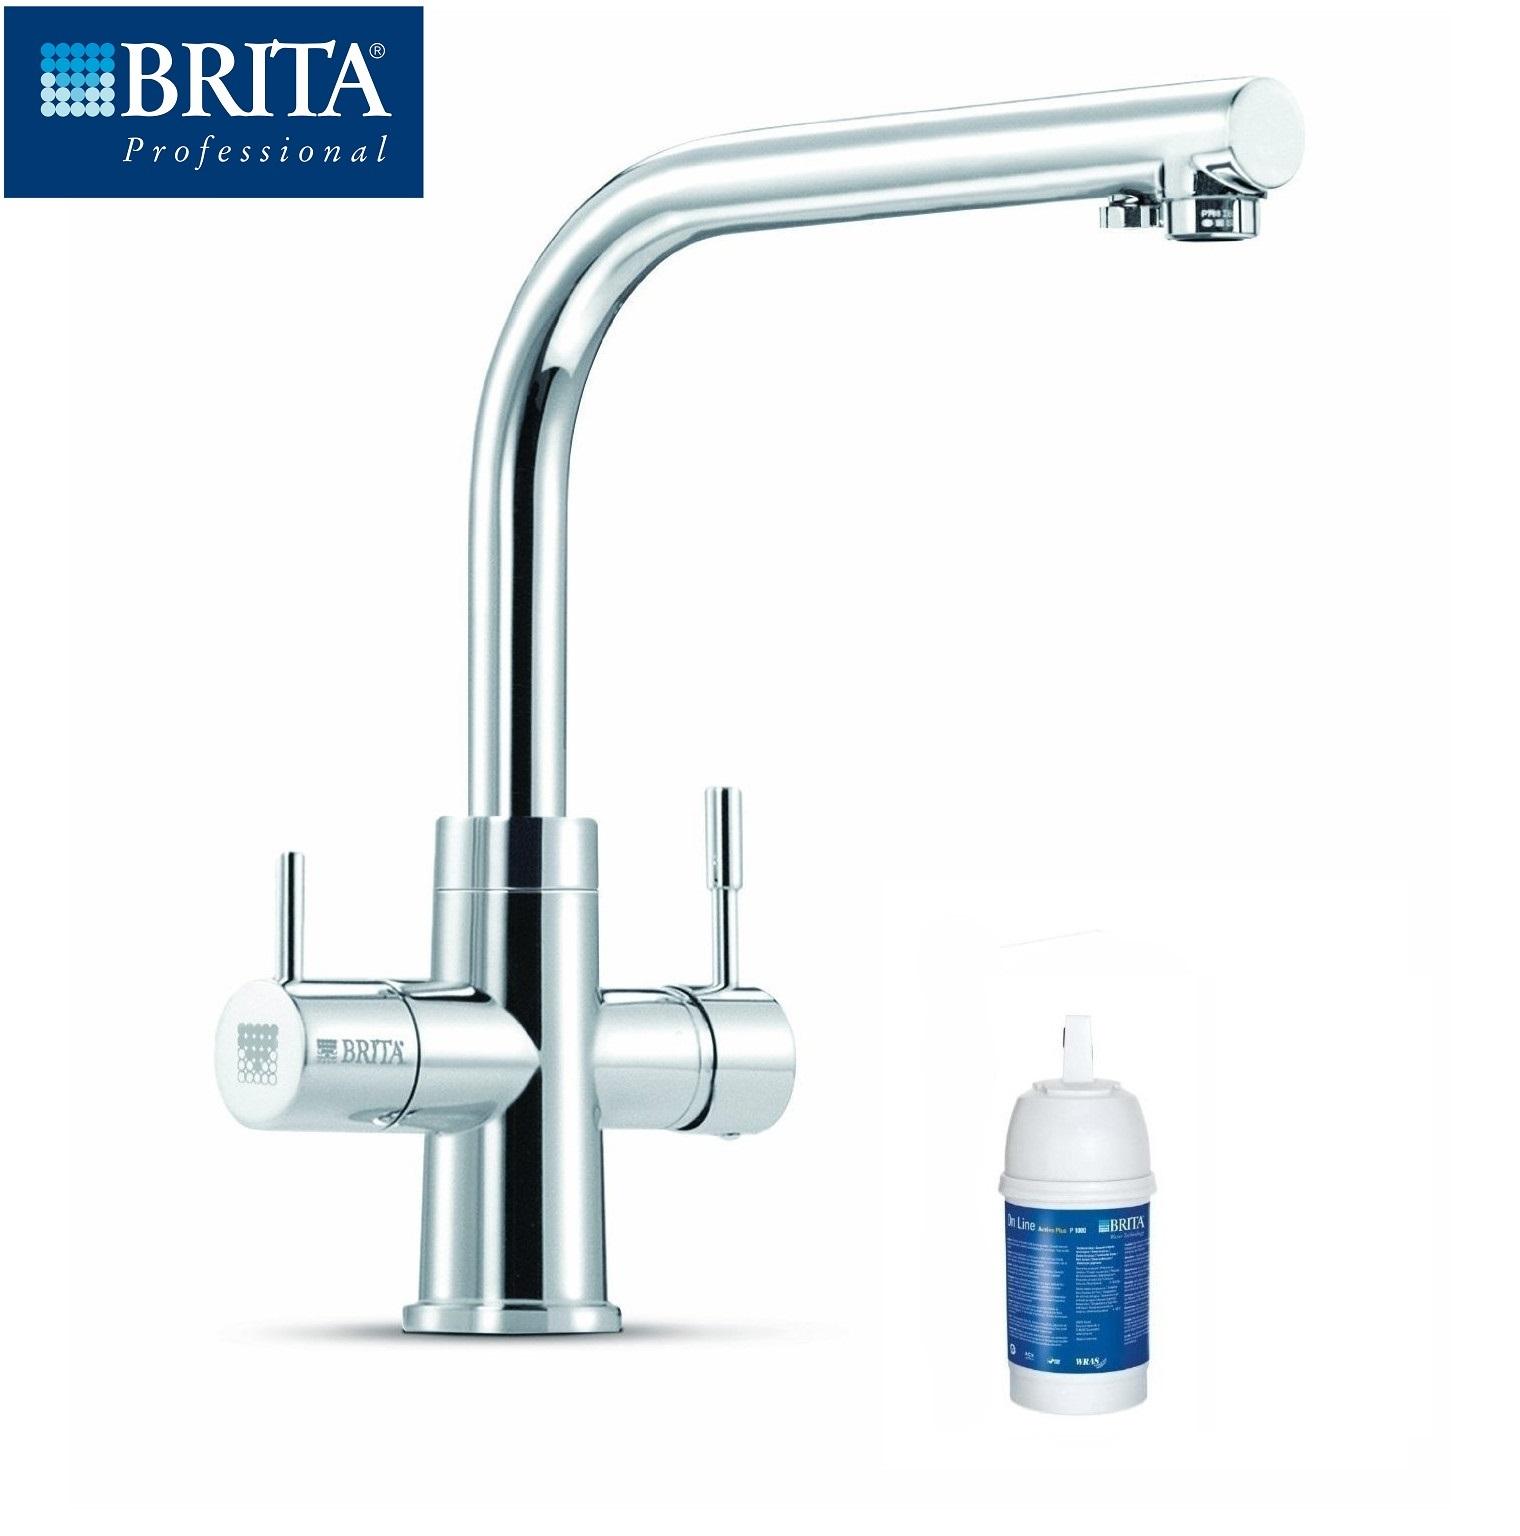 净水神器 Brita水龙头净化器系统